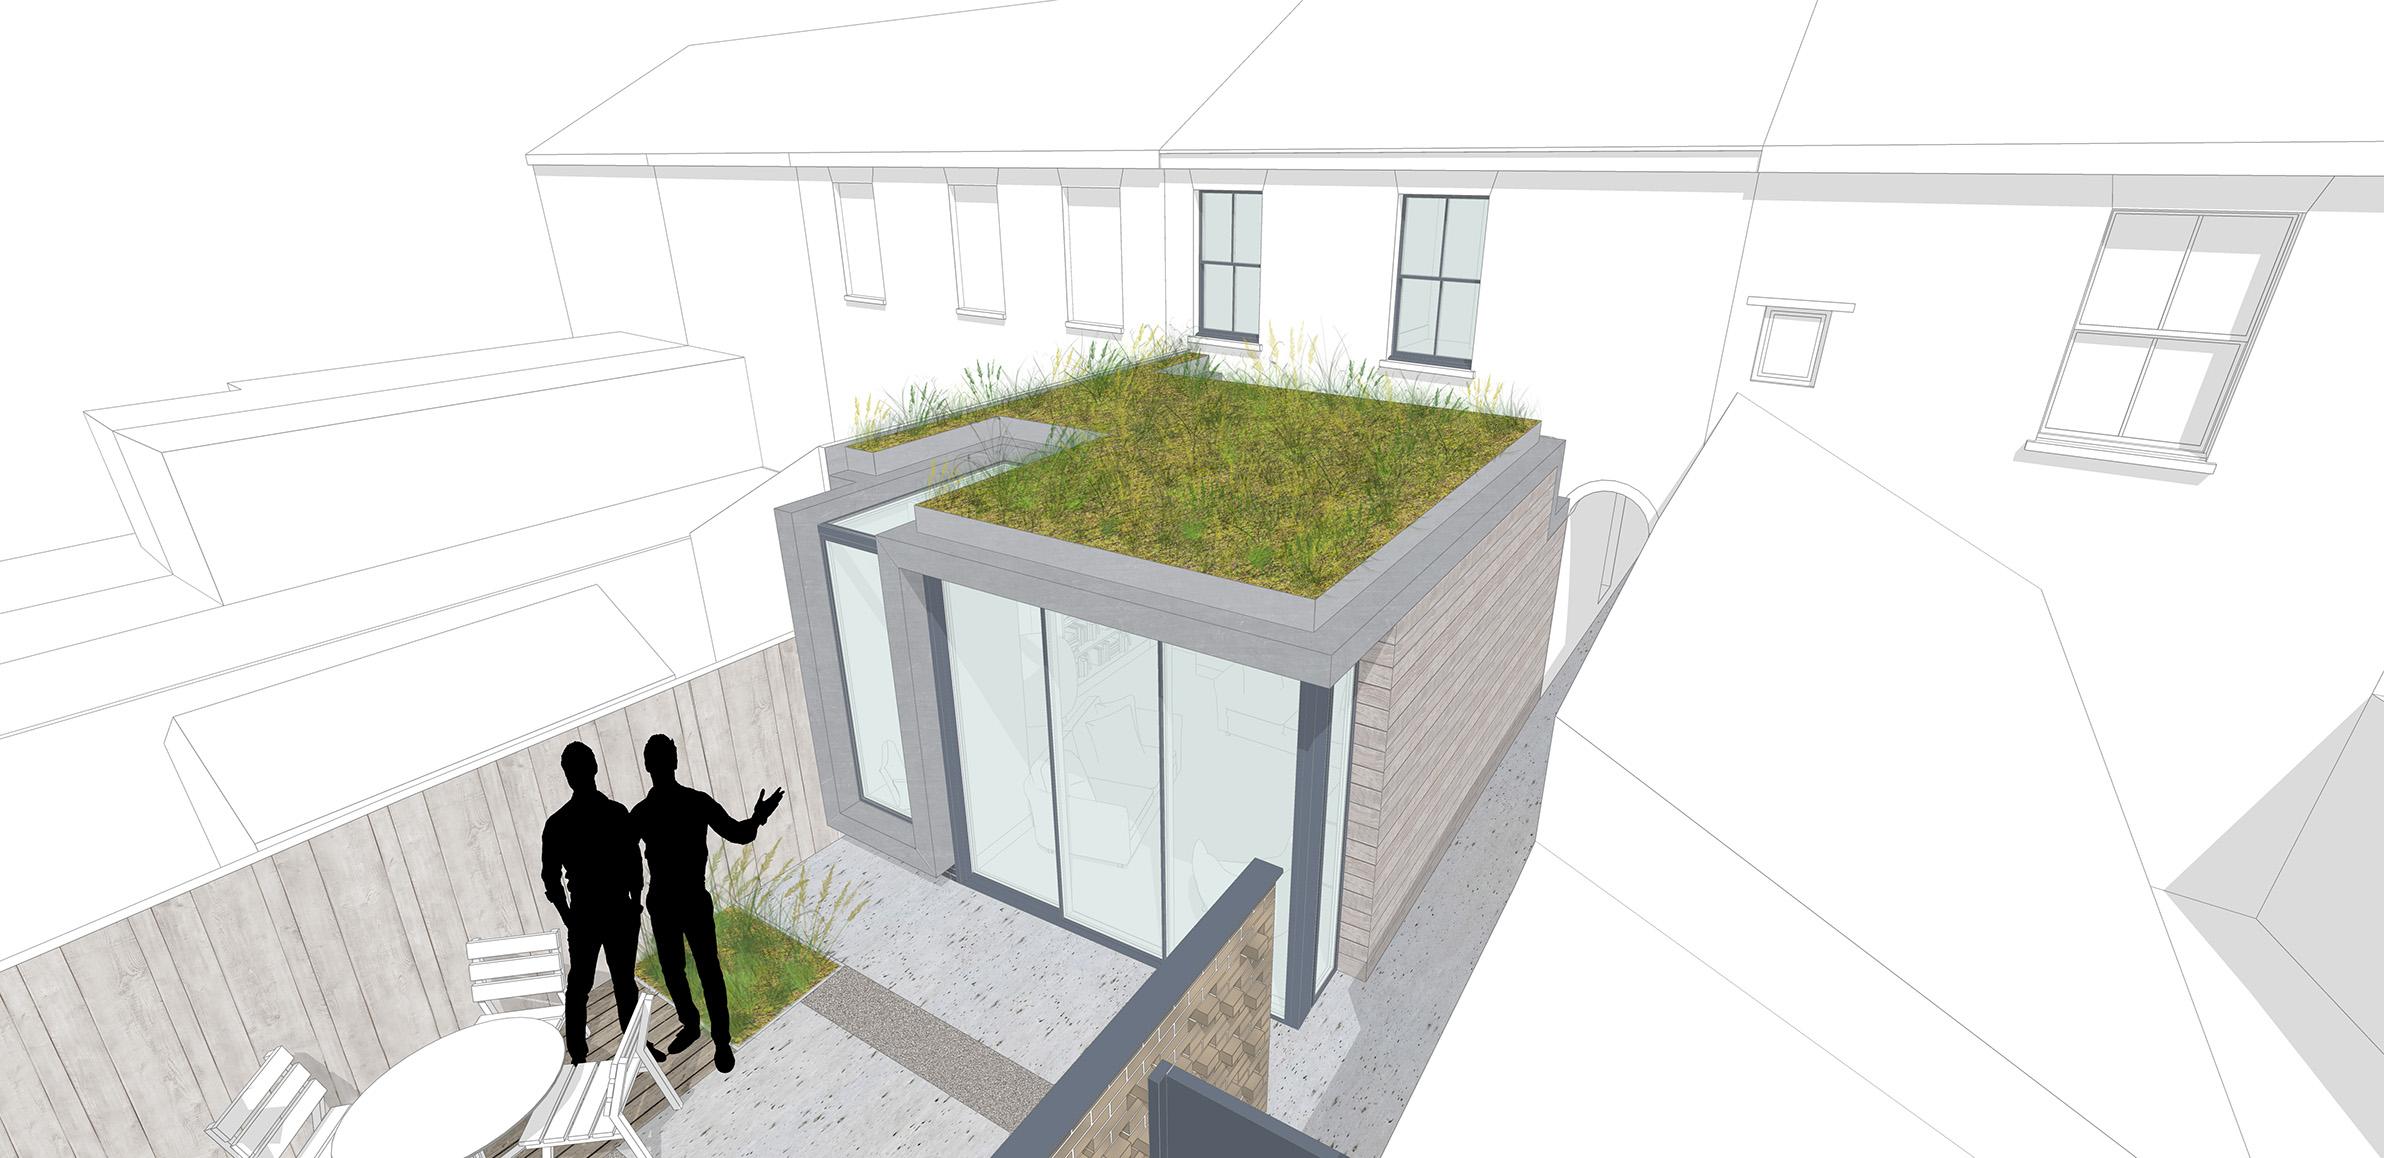 Planning scheme - aerial view